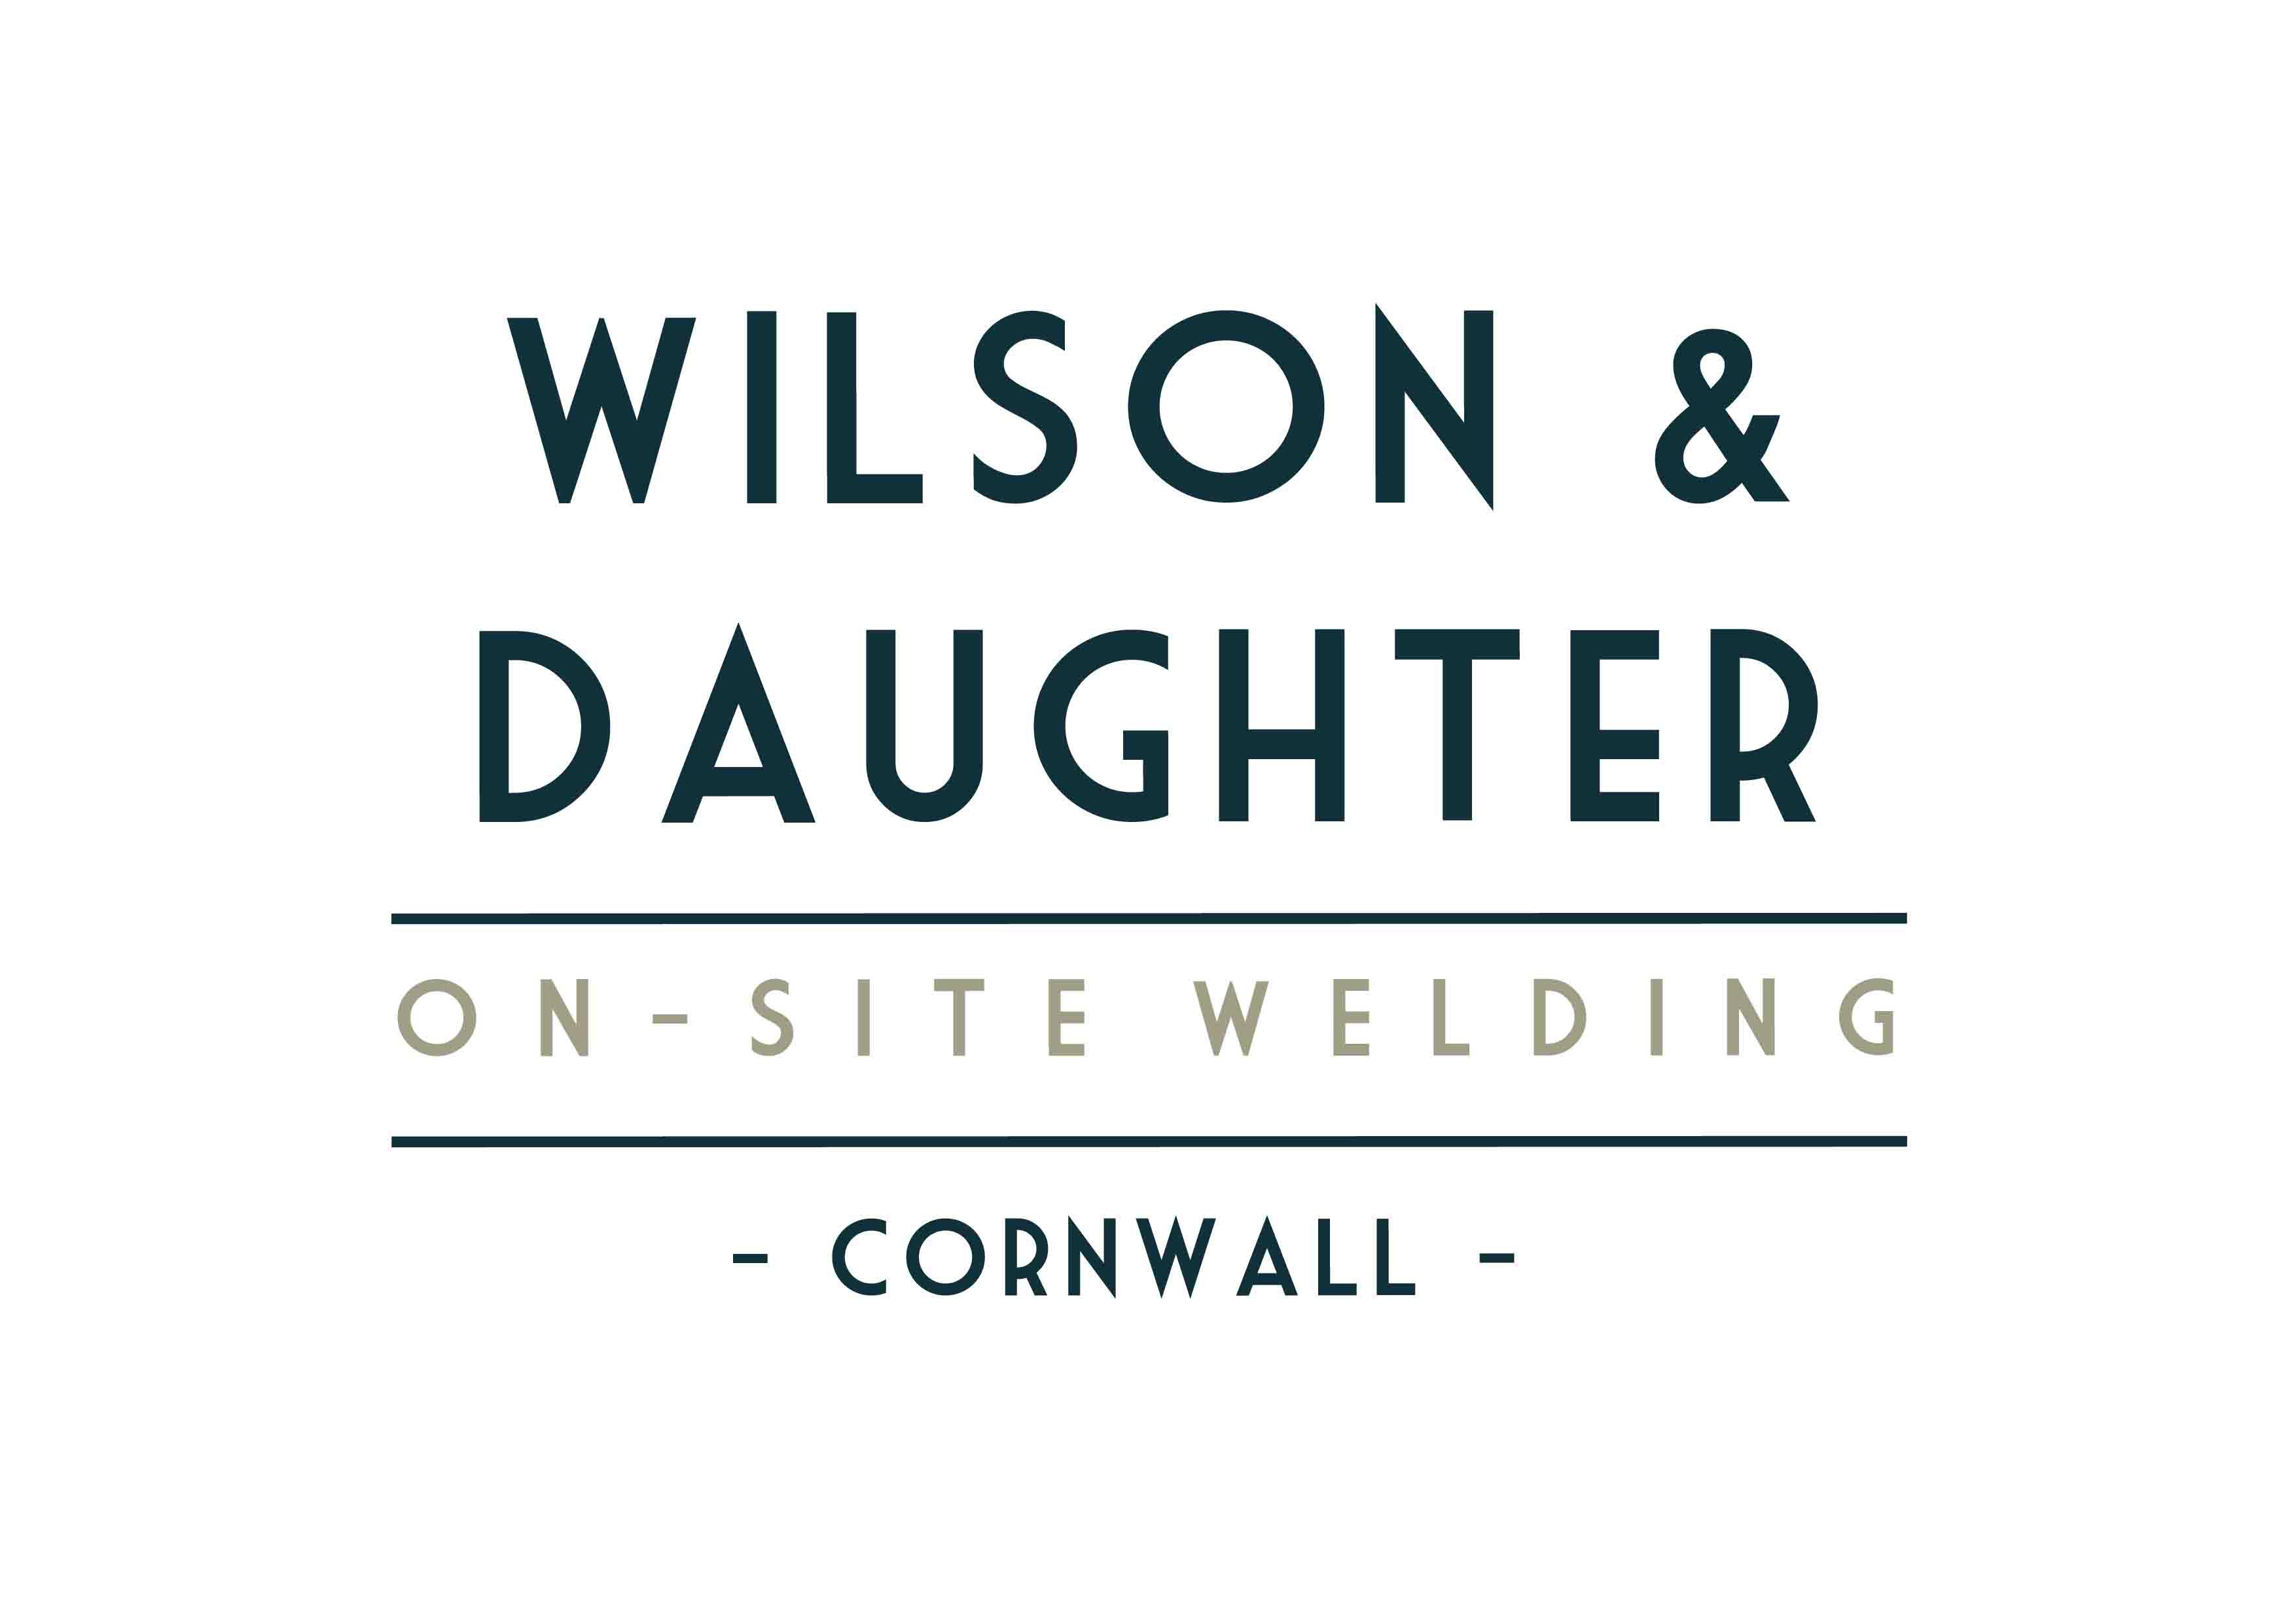 Wilson & Daughter Welding